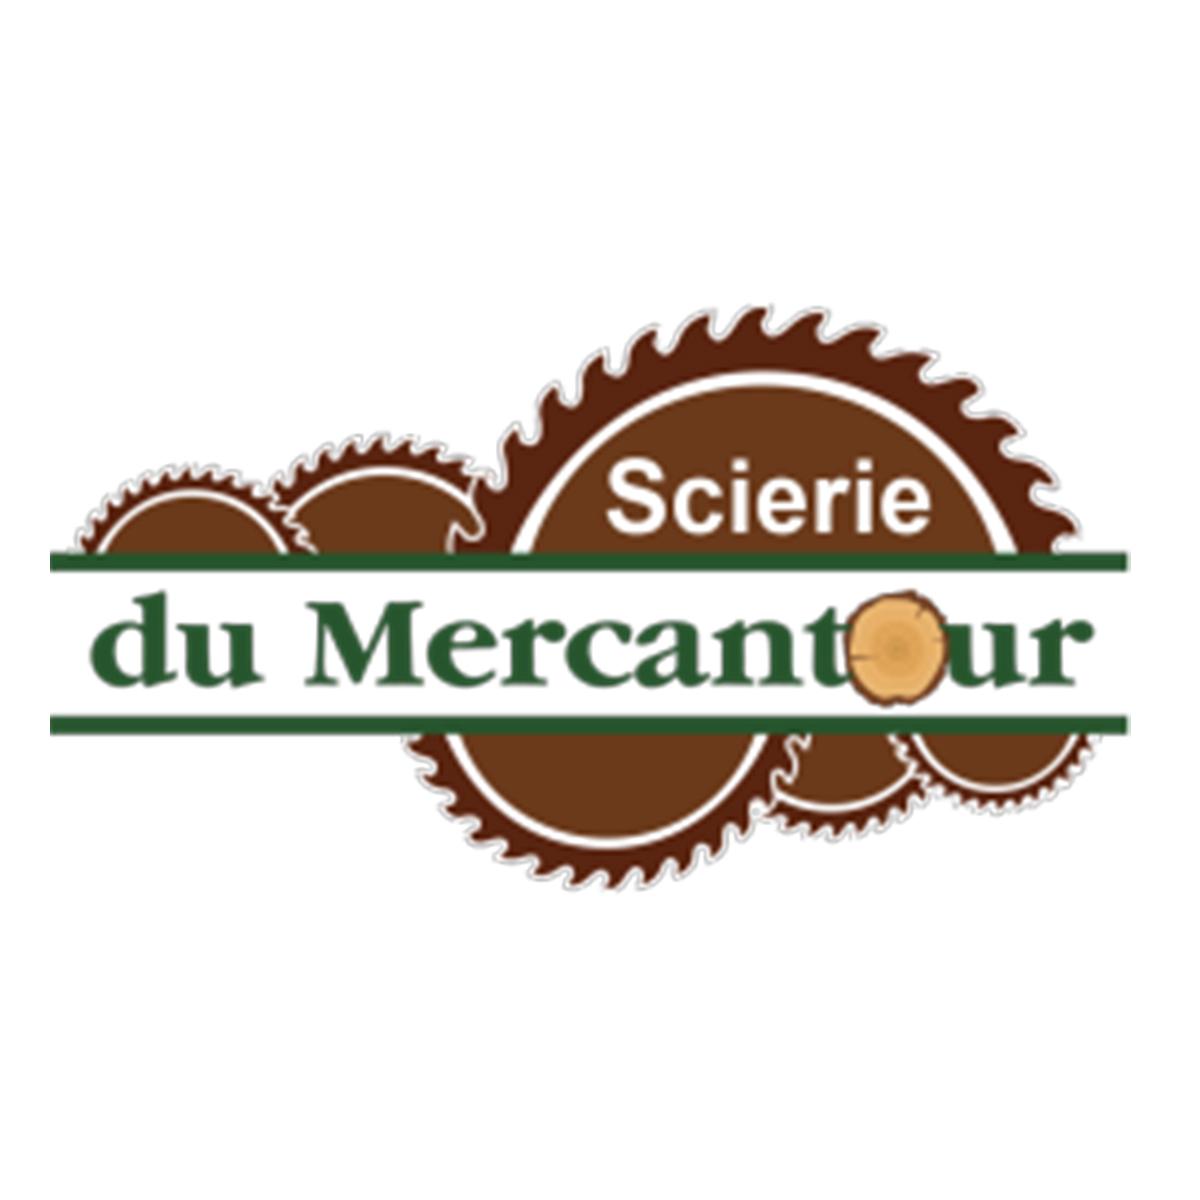 Scierie du Mercantour